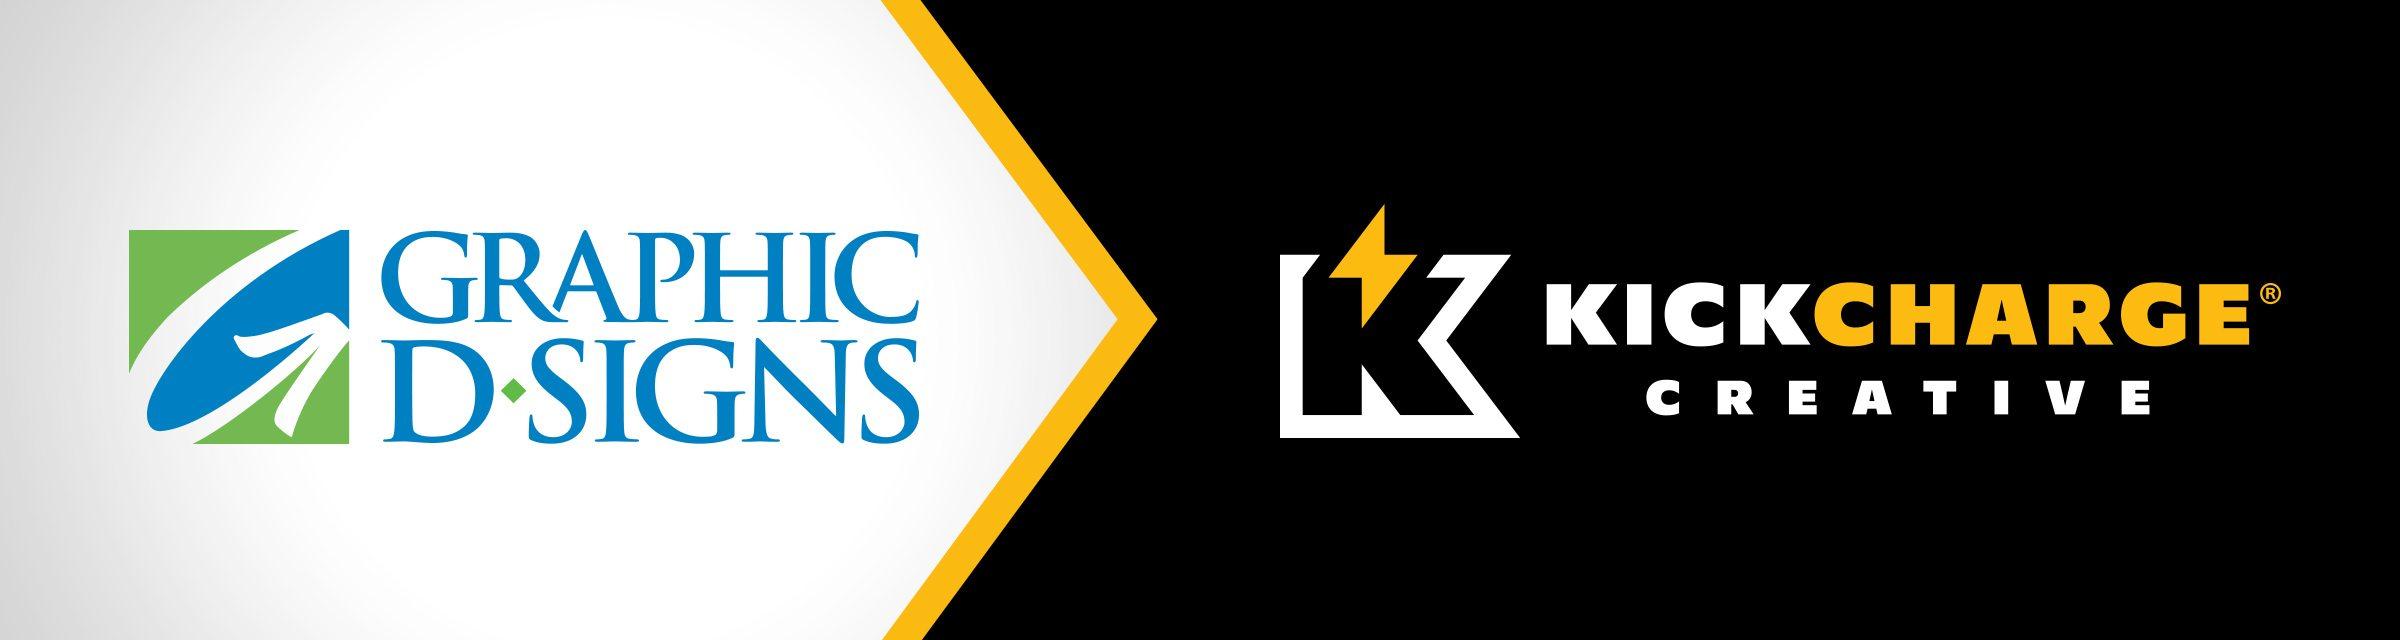 kickcharge creative